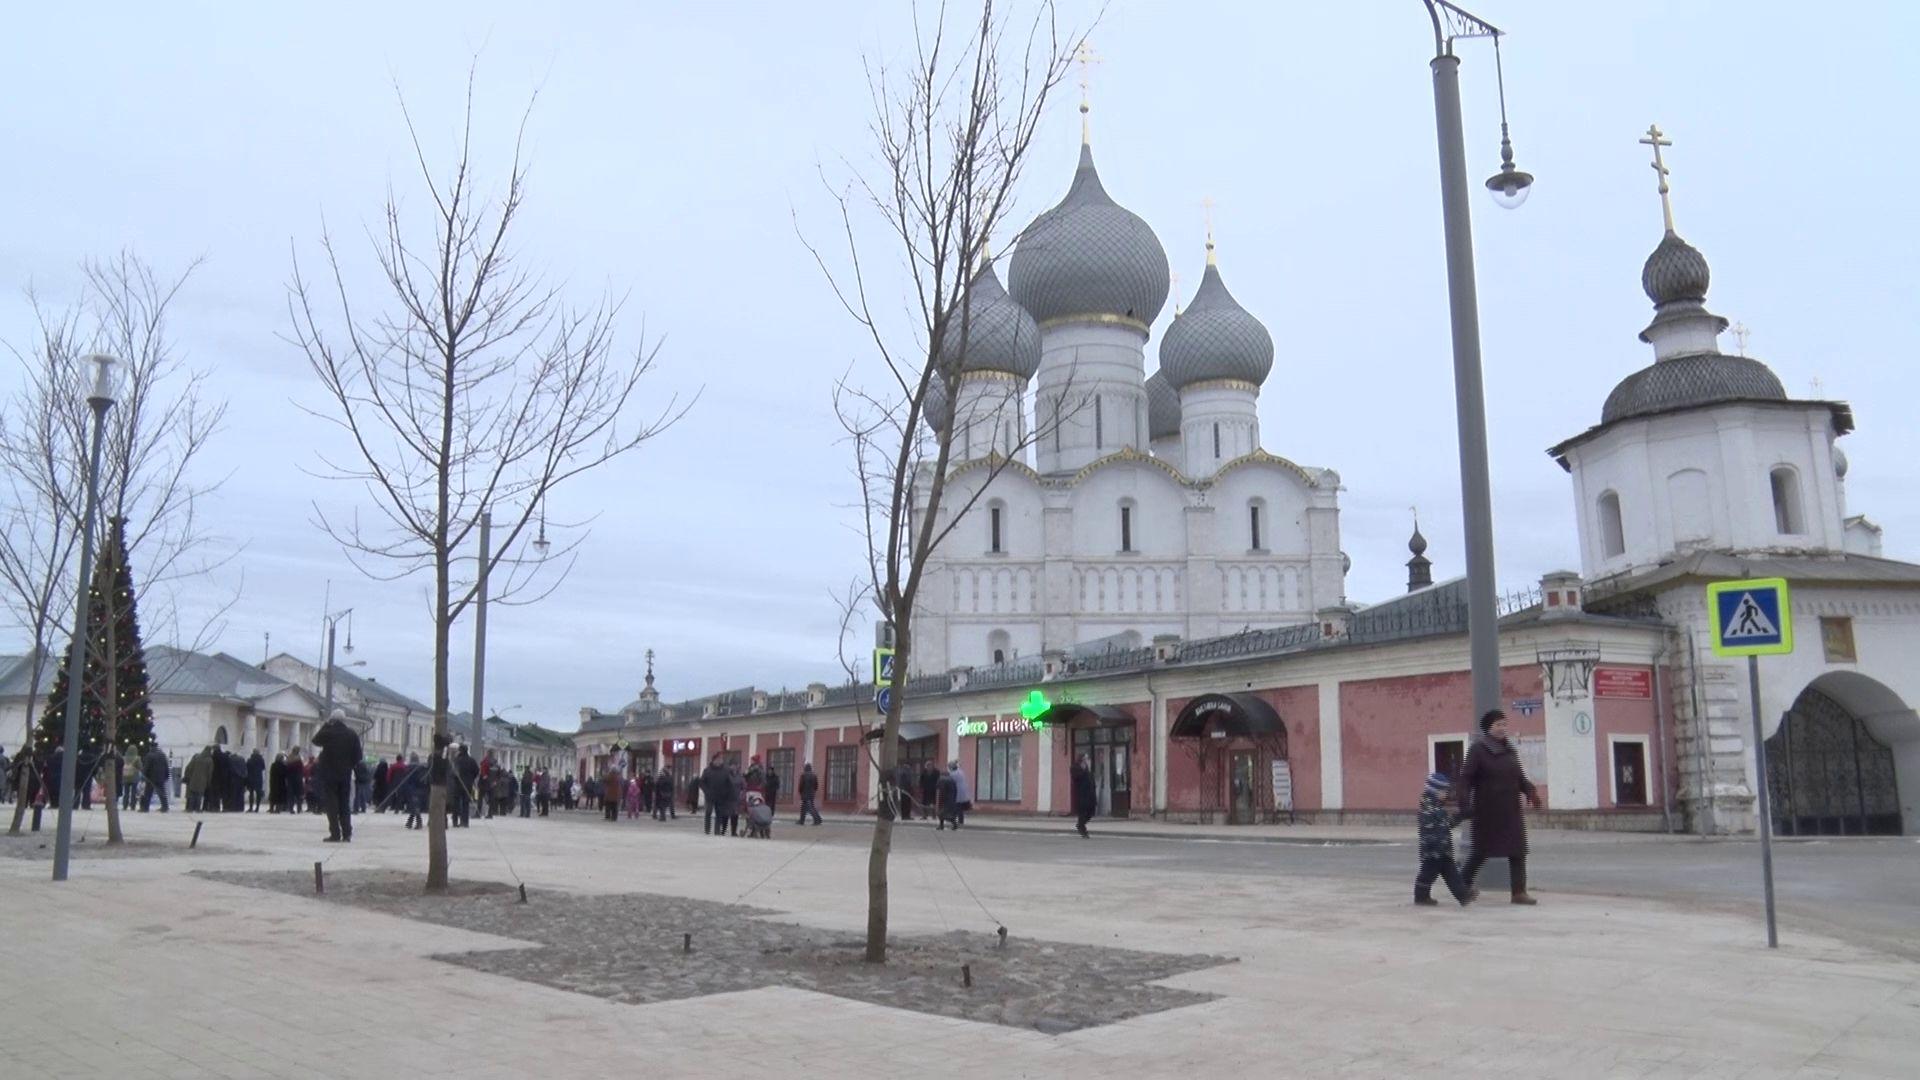 Вместо стихийной парковки – зона отдыха: в Ростове преобразилась главная площадь города